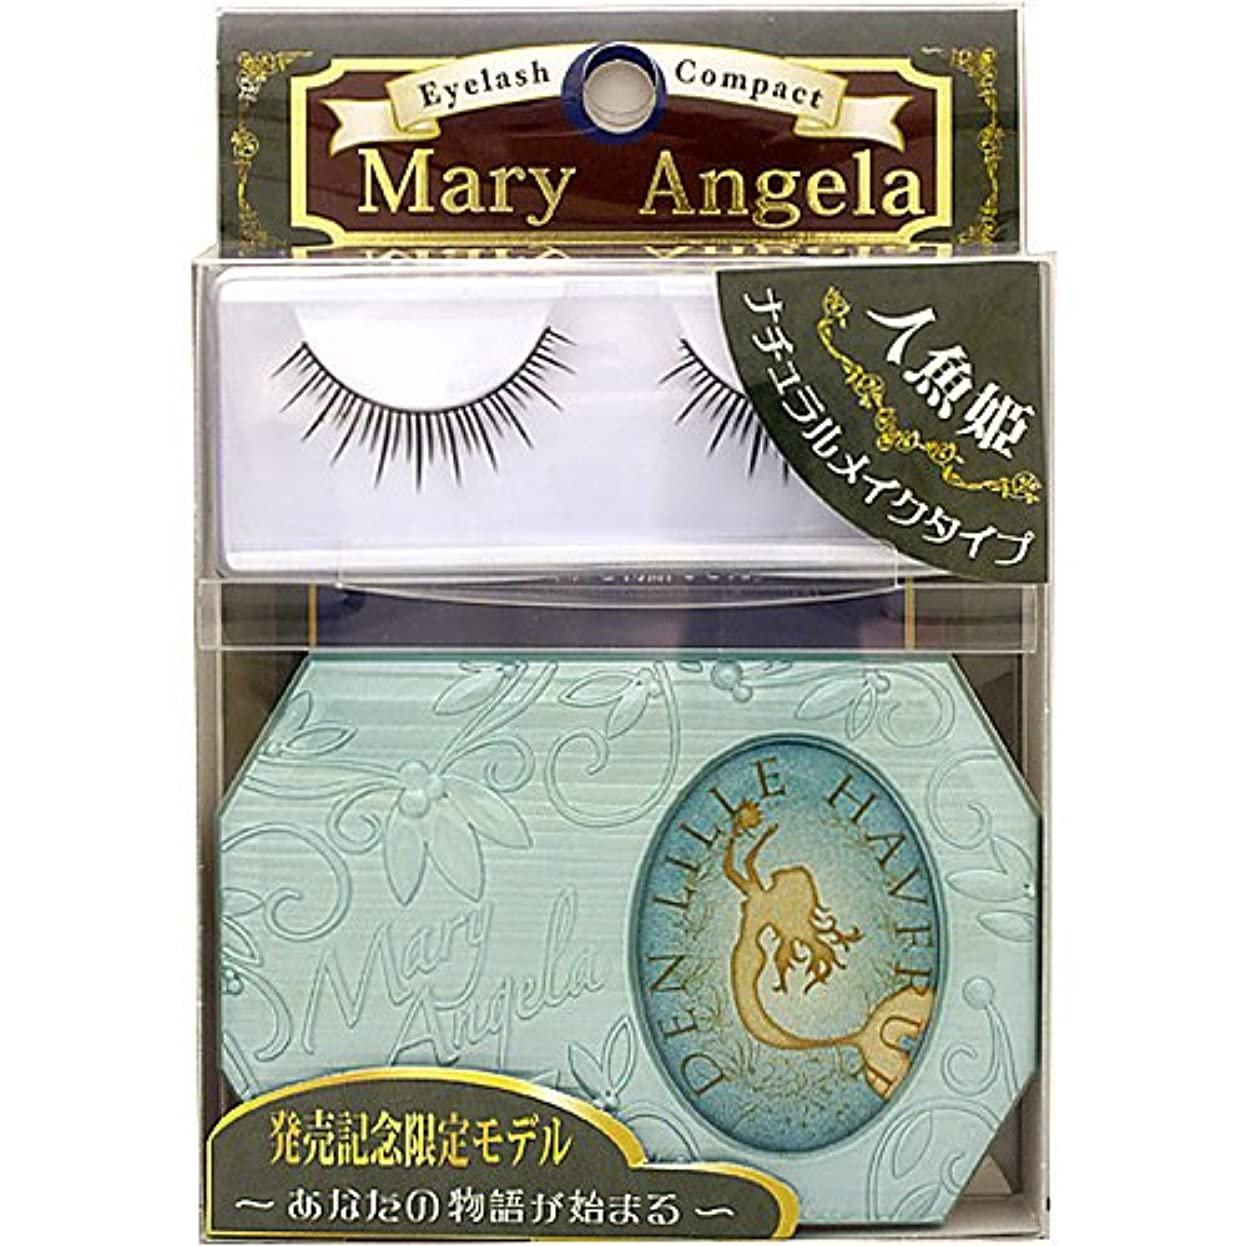 バケツ番号タイトMILCA ミルカ MaryAngela マリーアンジェラ つけまつげ&つけまつげケース 人魚姫